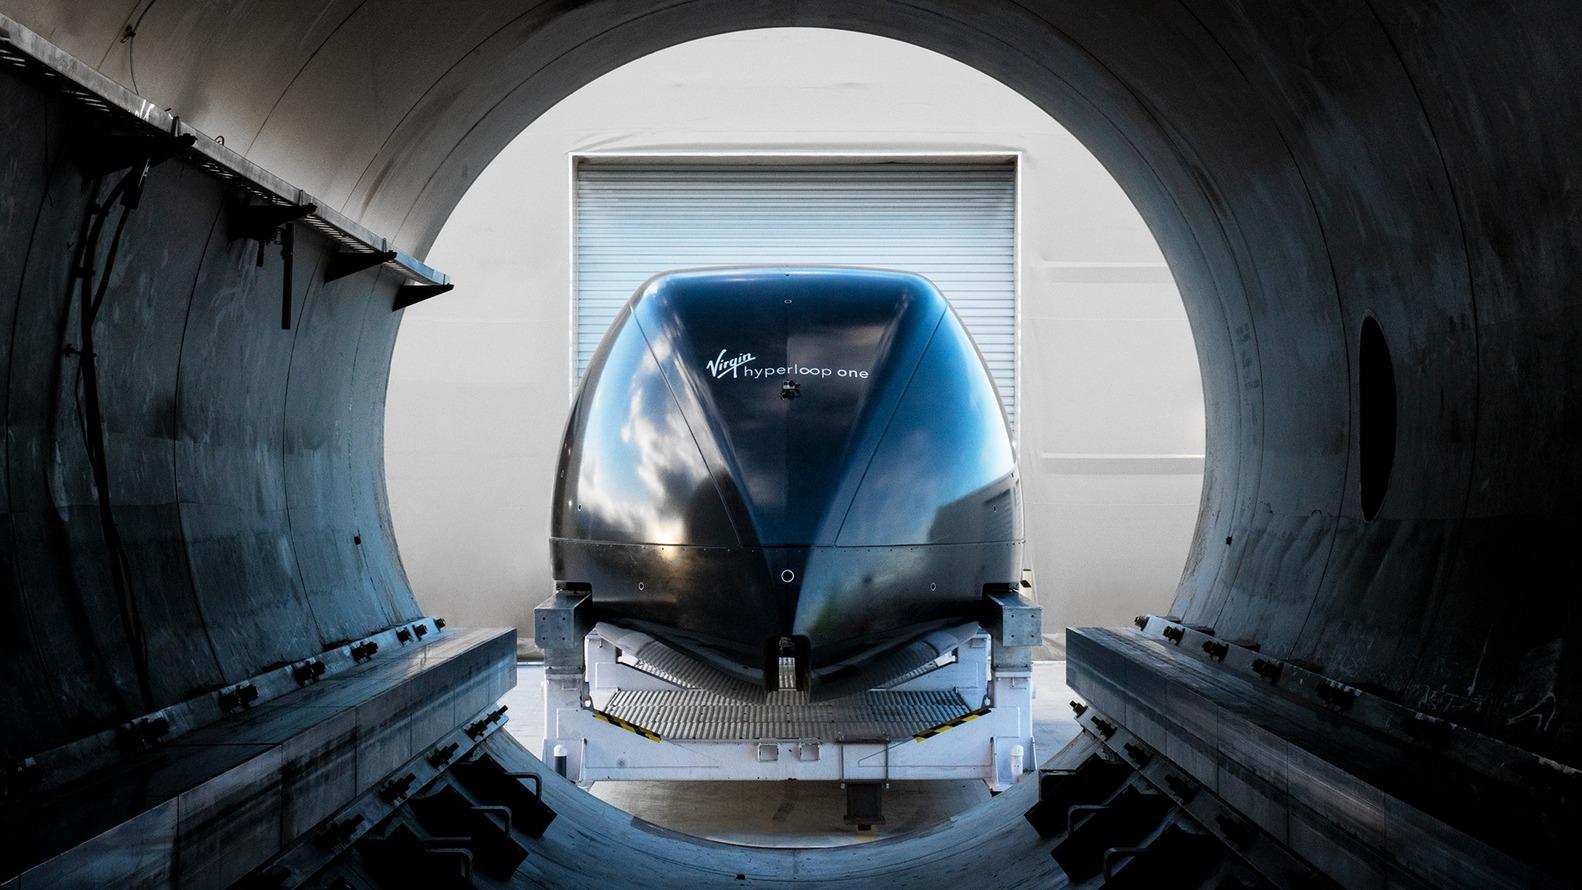 Virgin Hyperloop One-Visual Atelier 8-Technology-3.jpg